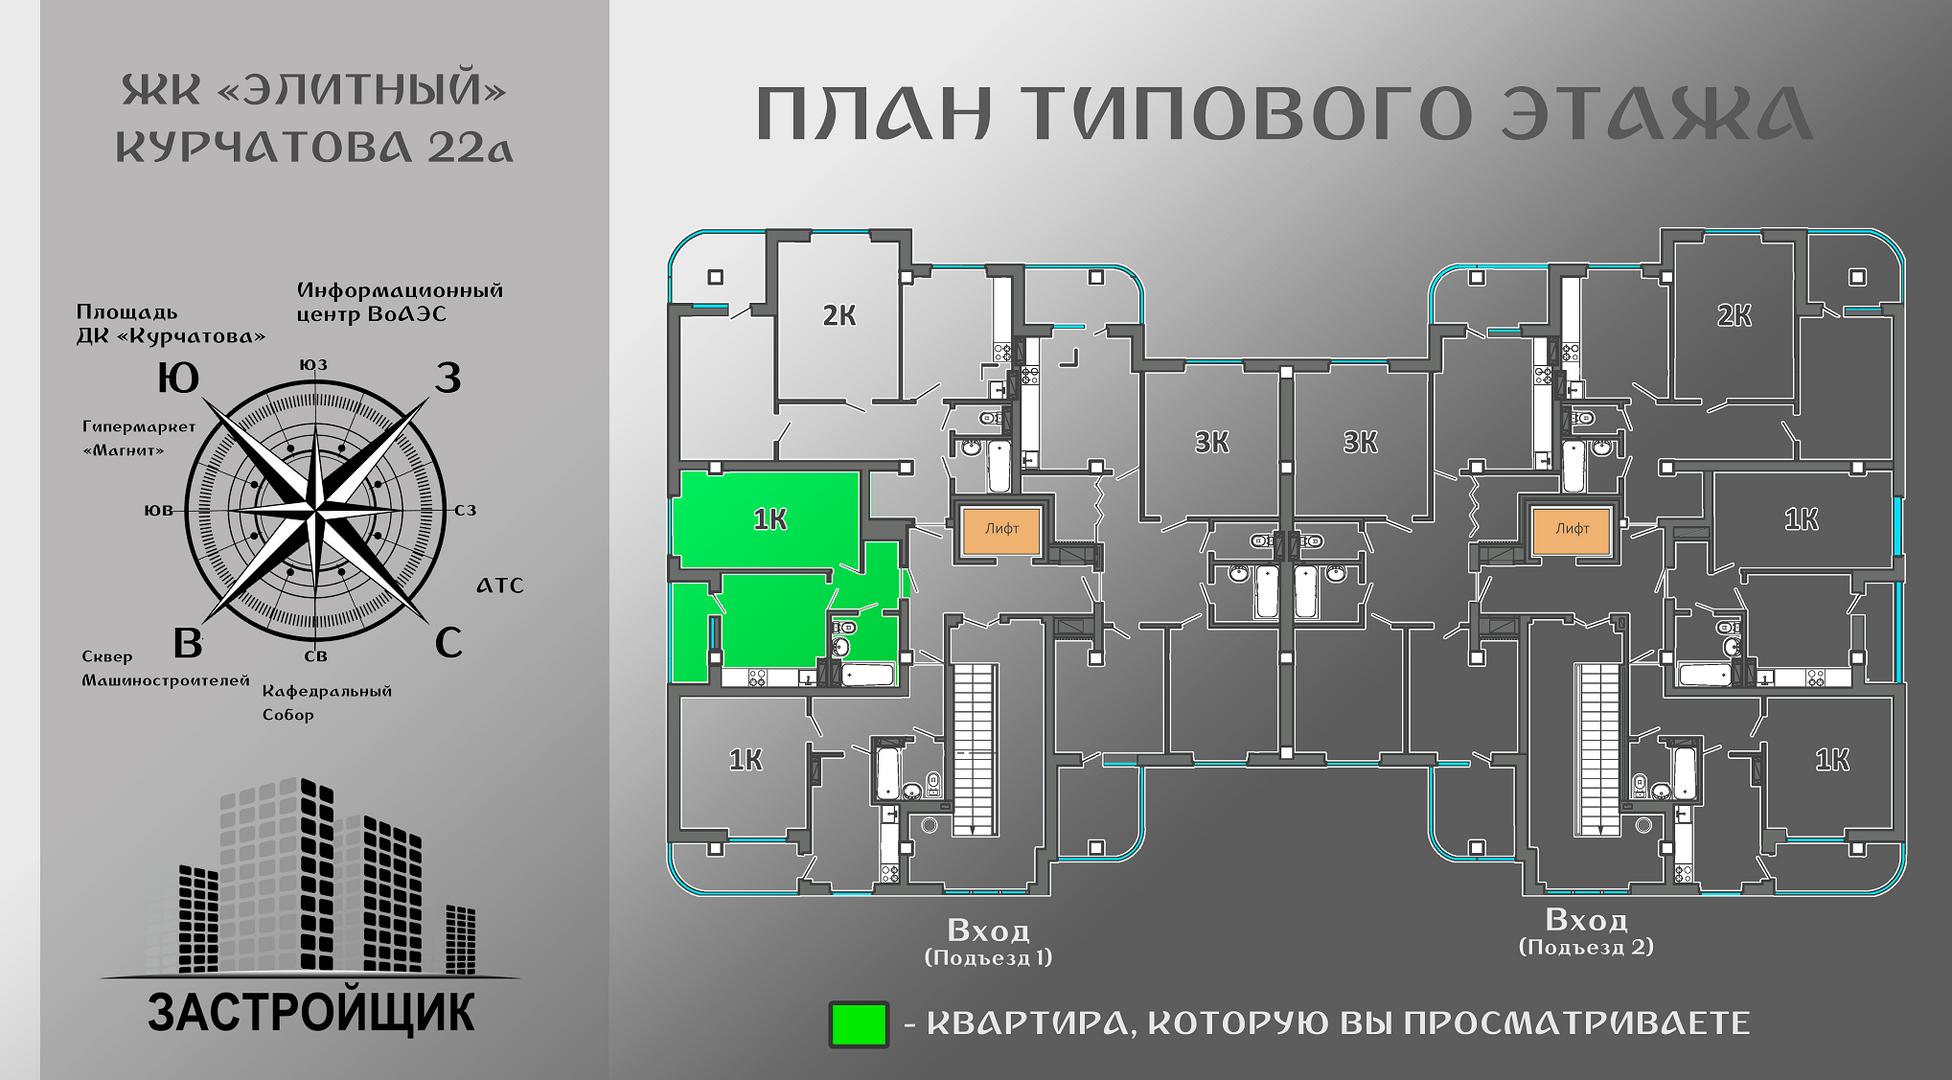 1к лев центр Планировка общая.png